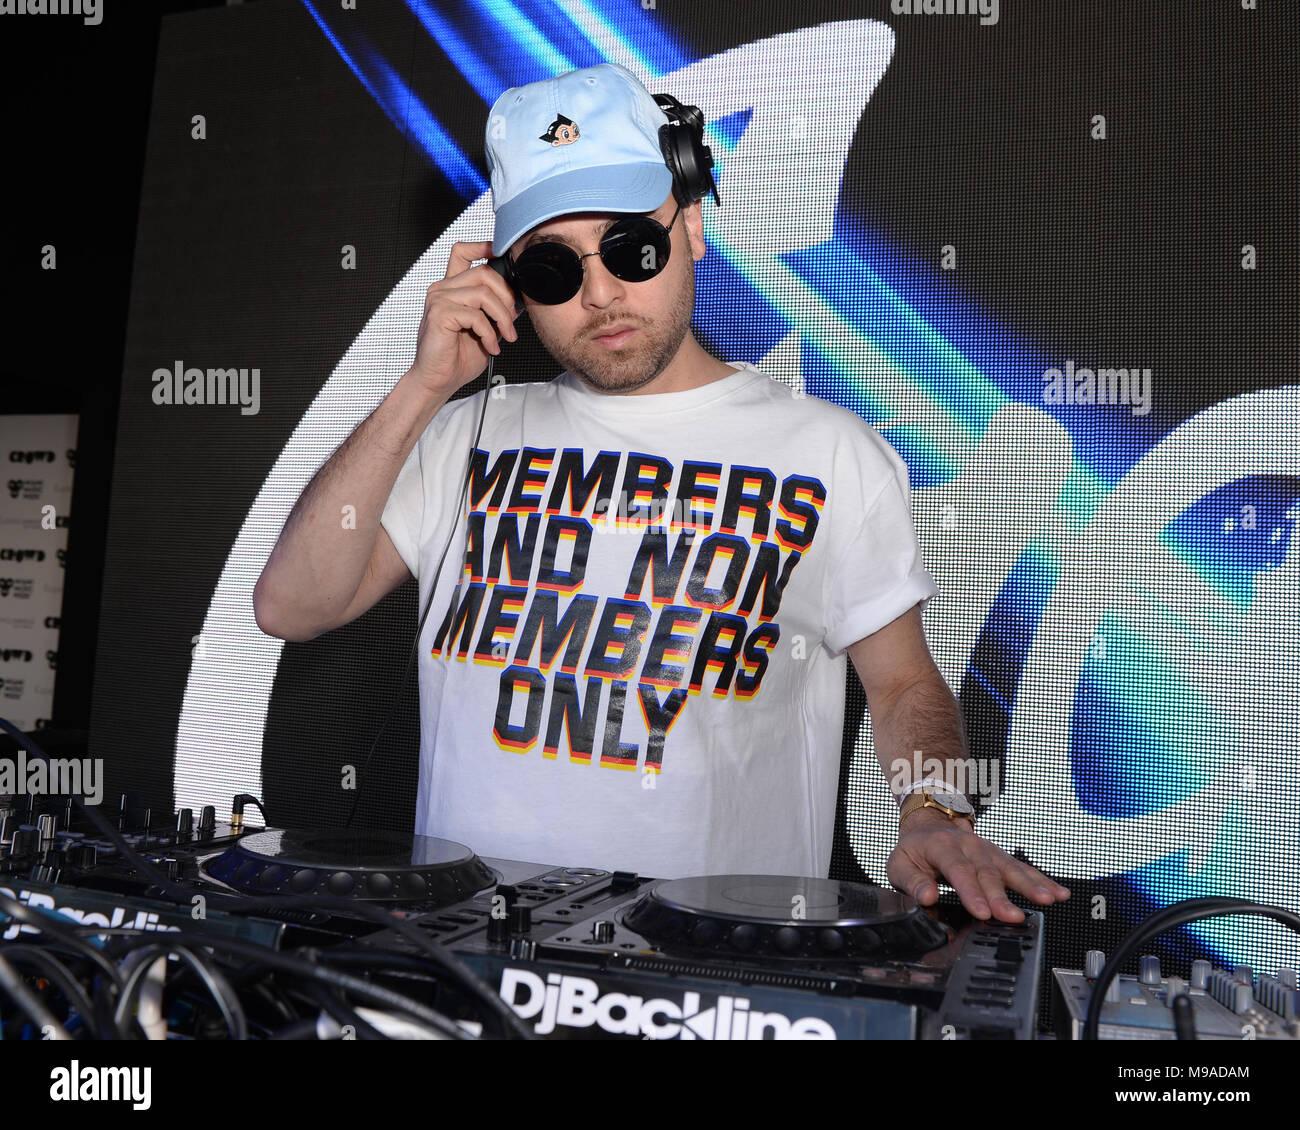 Miami Beach, FL, EEUU. 23 Mar, 2018. Grandtheft realiza durante el fin de semana música Miami Hits 97.3 Hotel en el Clevelander Hotel el 23 de marzo de 2018, en Miami Beach, Florida. Crédito: Mpi04/Media Punch/Alamy Live News Foto de stock